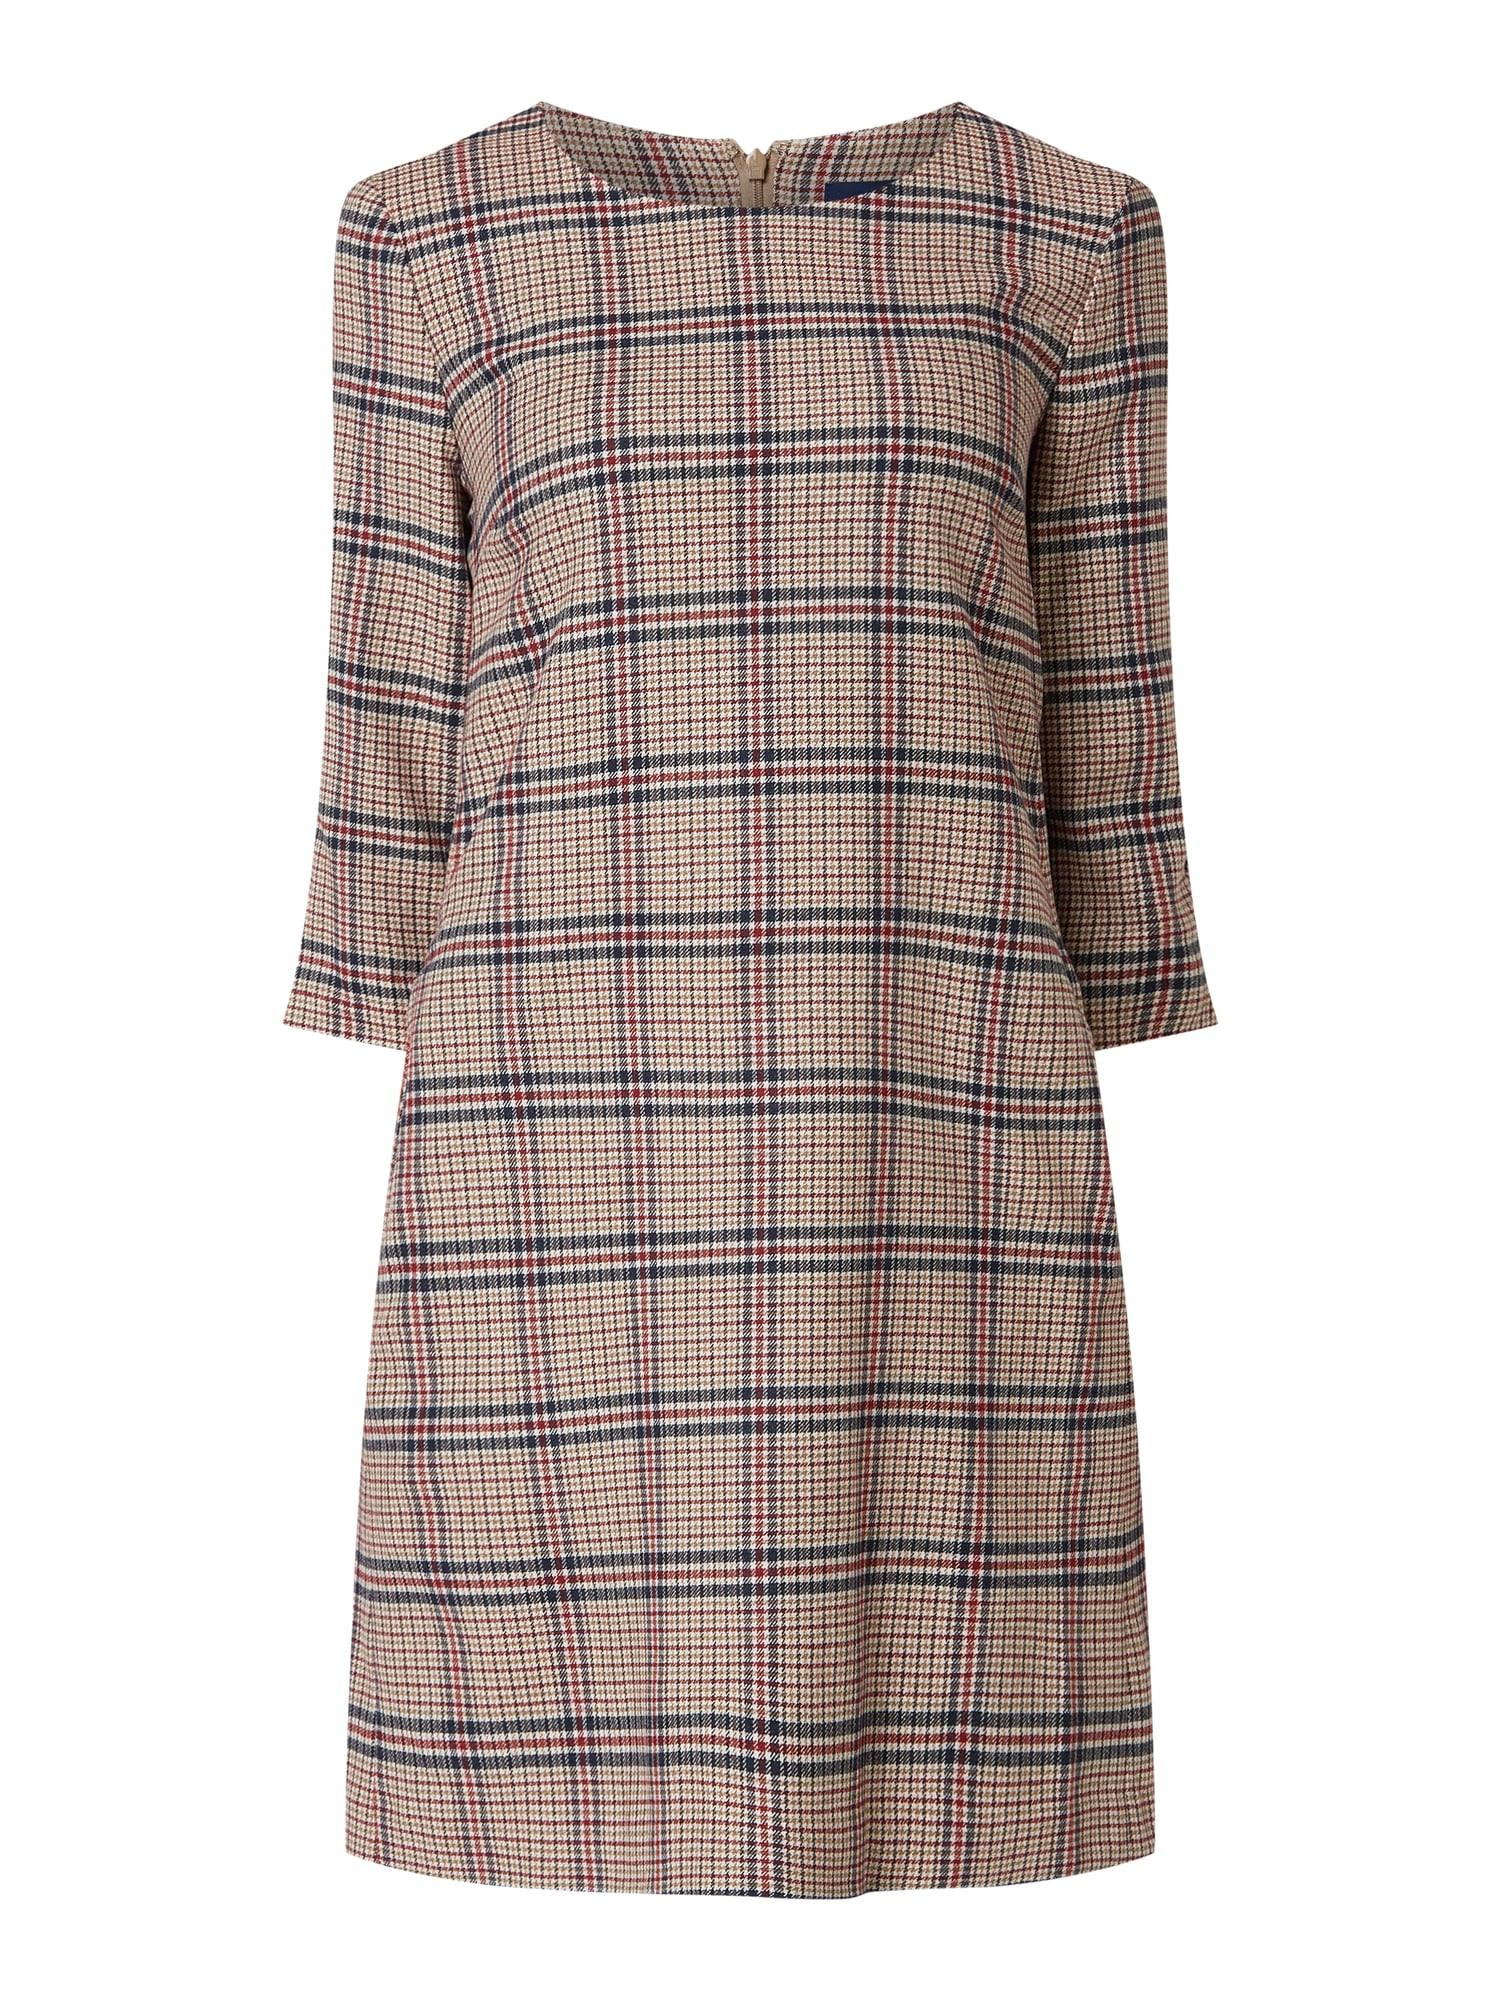 Gant Kleid Mit Glencheck In Weiß Online Kaufen 4032254 P